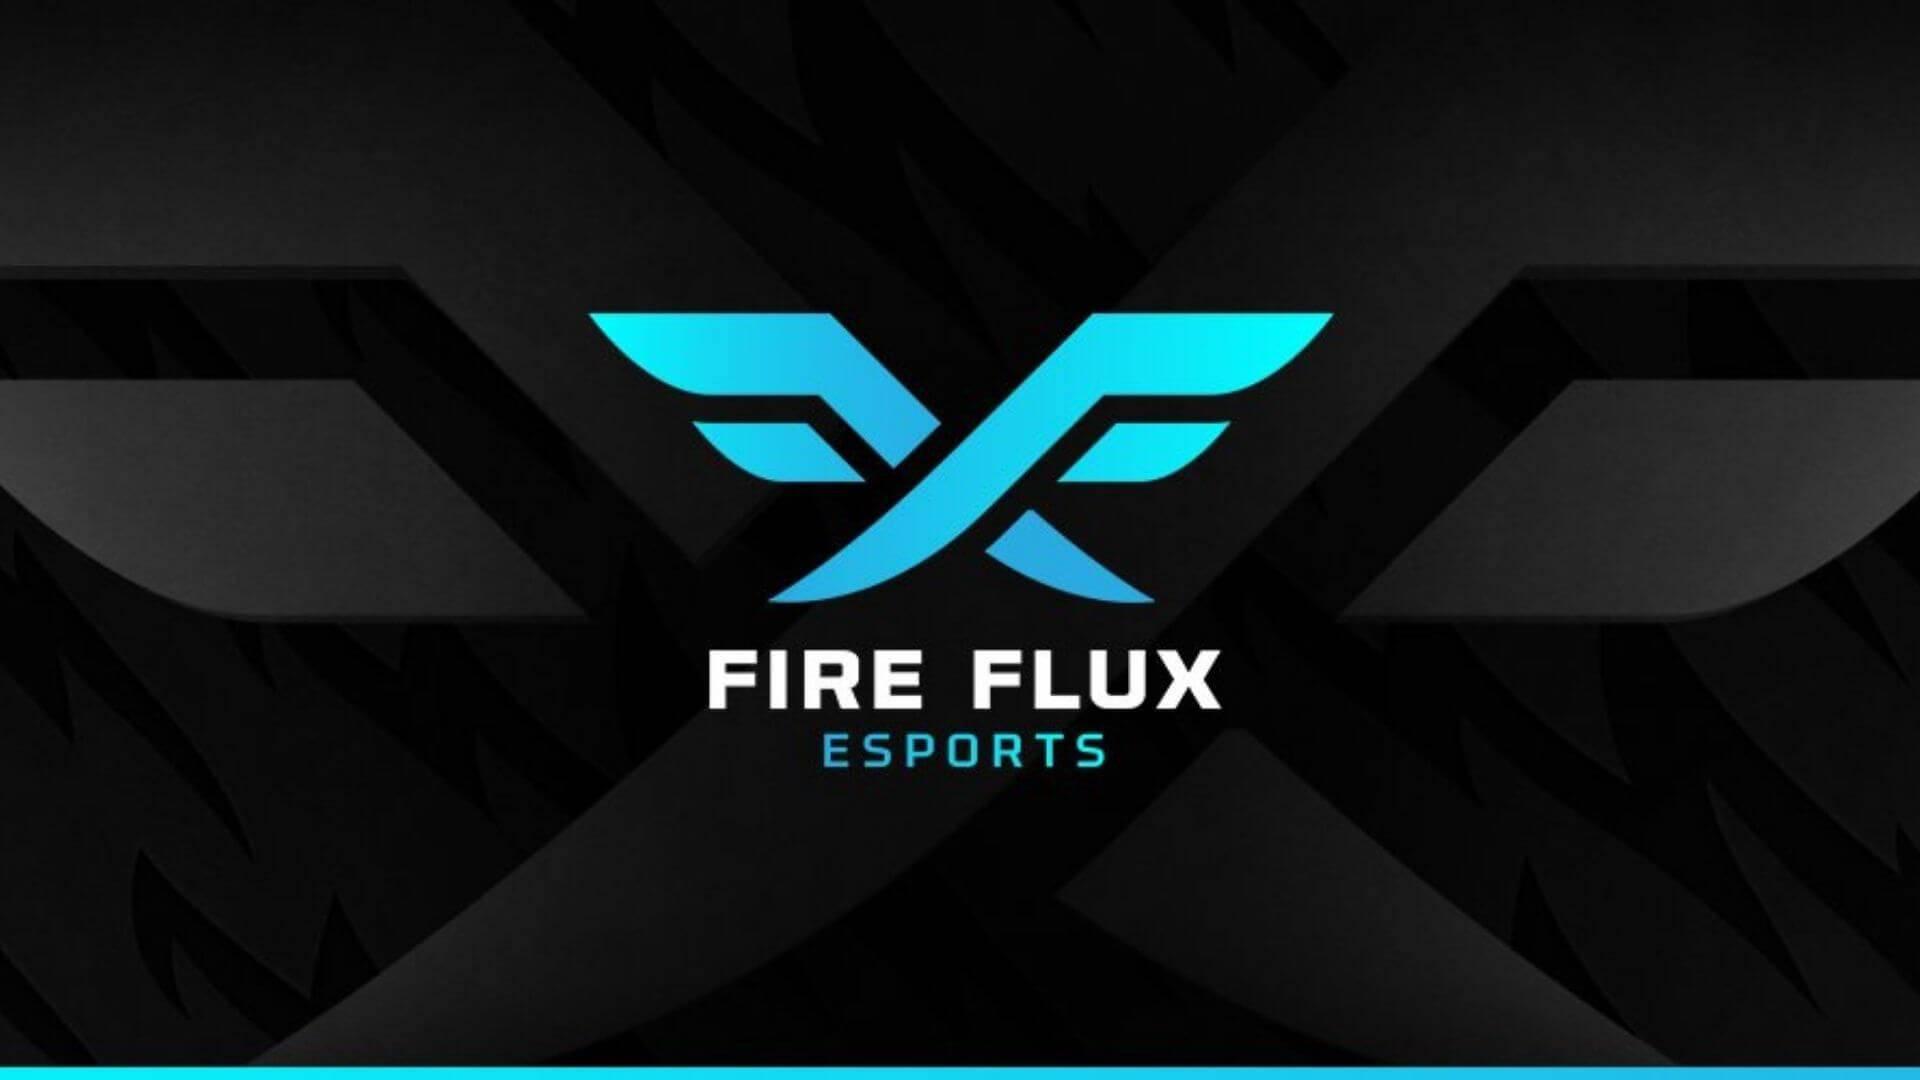 Fire Flux Esports